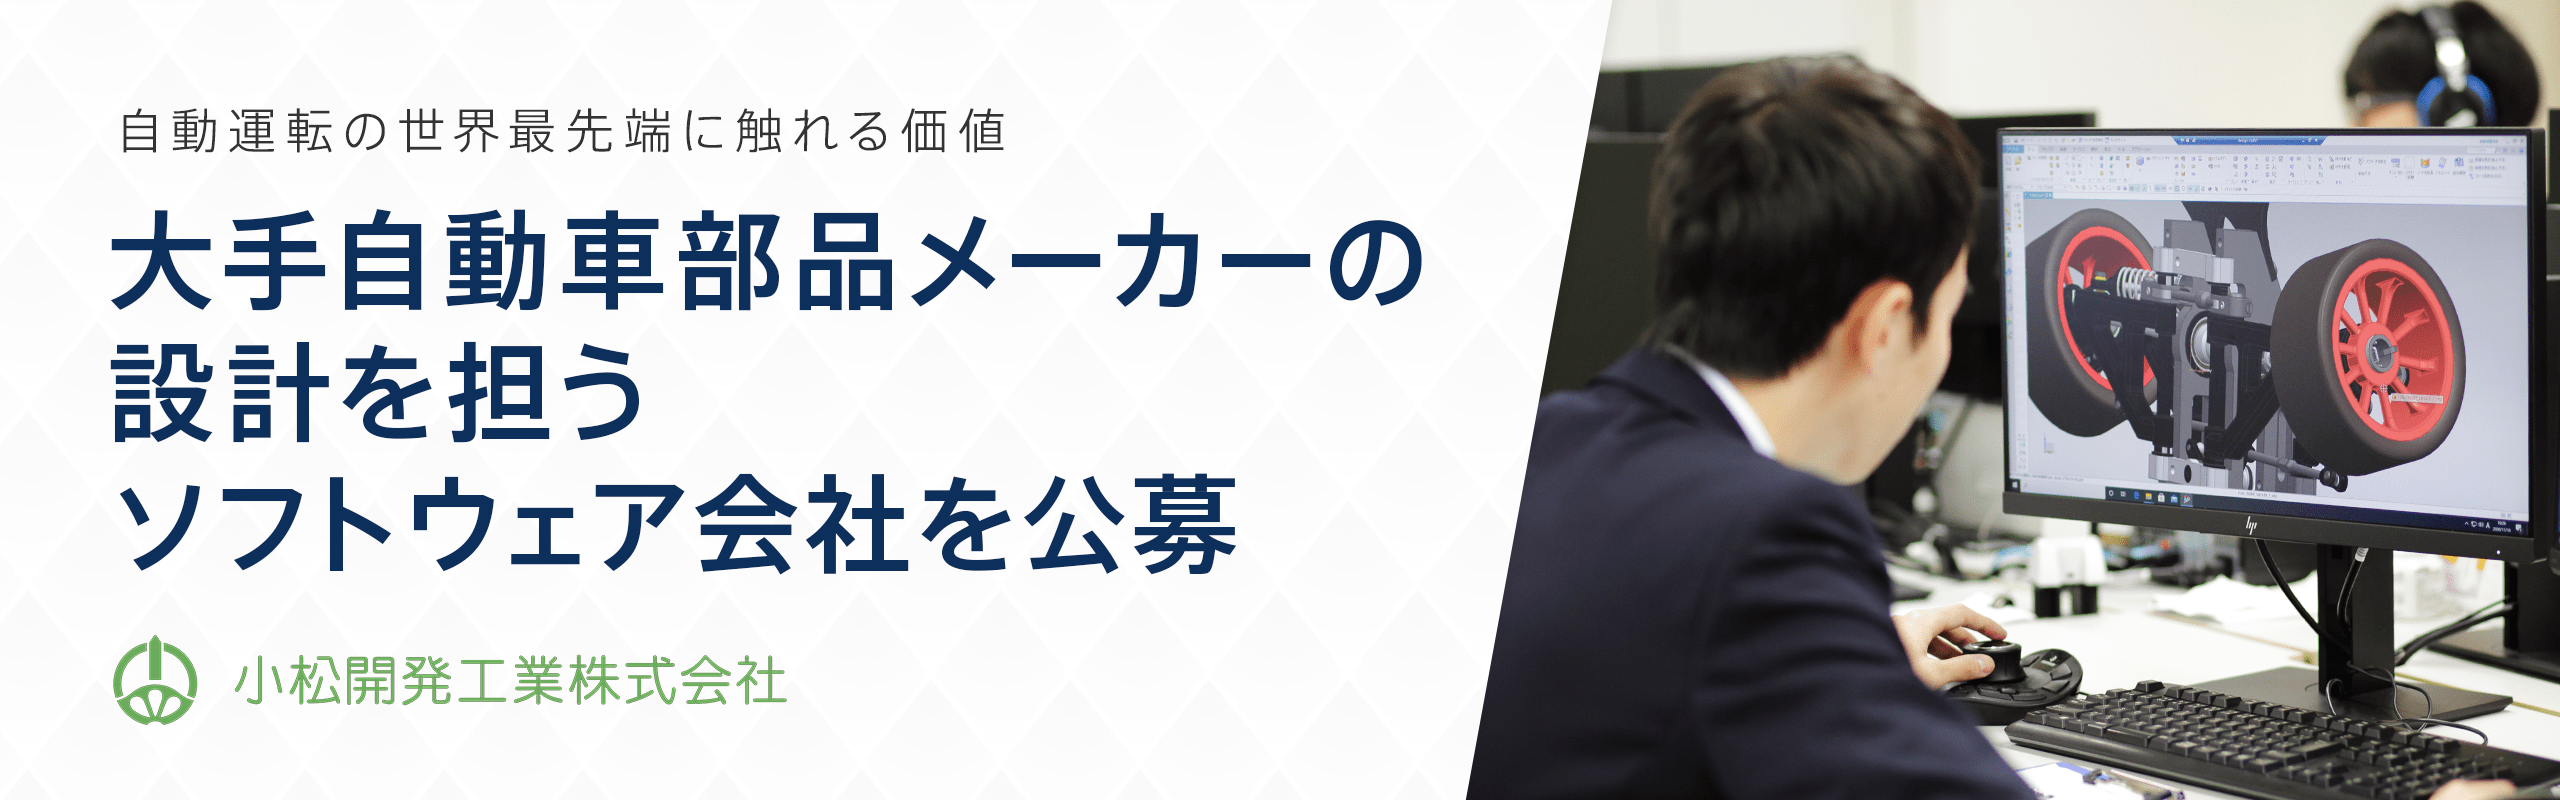 小松開発工業株式会社が組み込み系・制御系のソフトウェア開発会社を募集